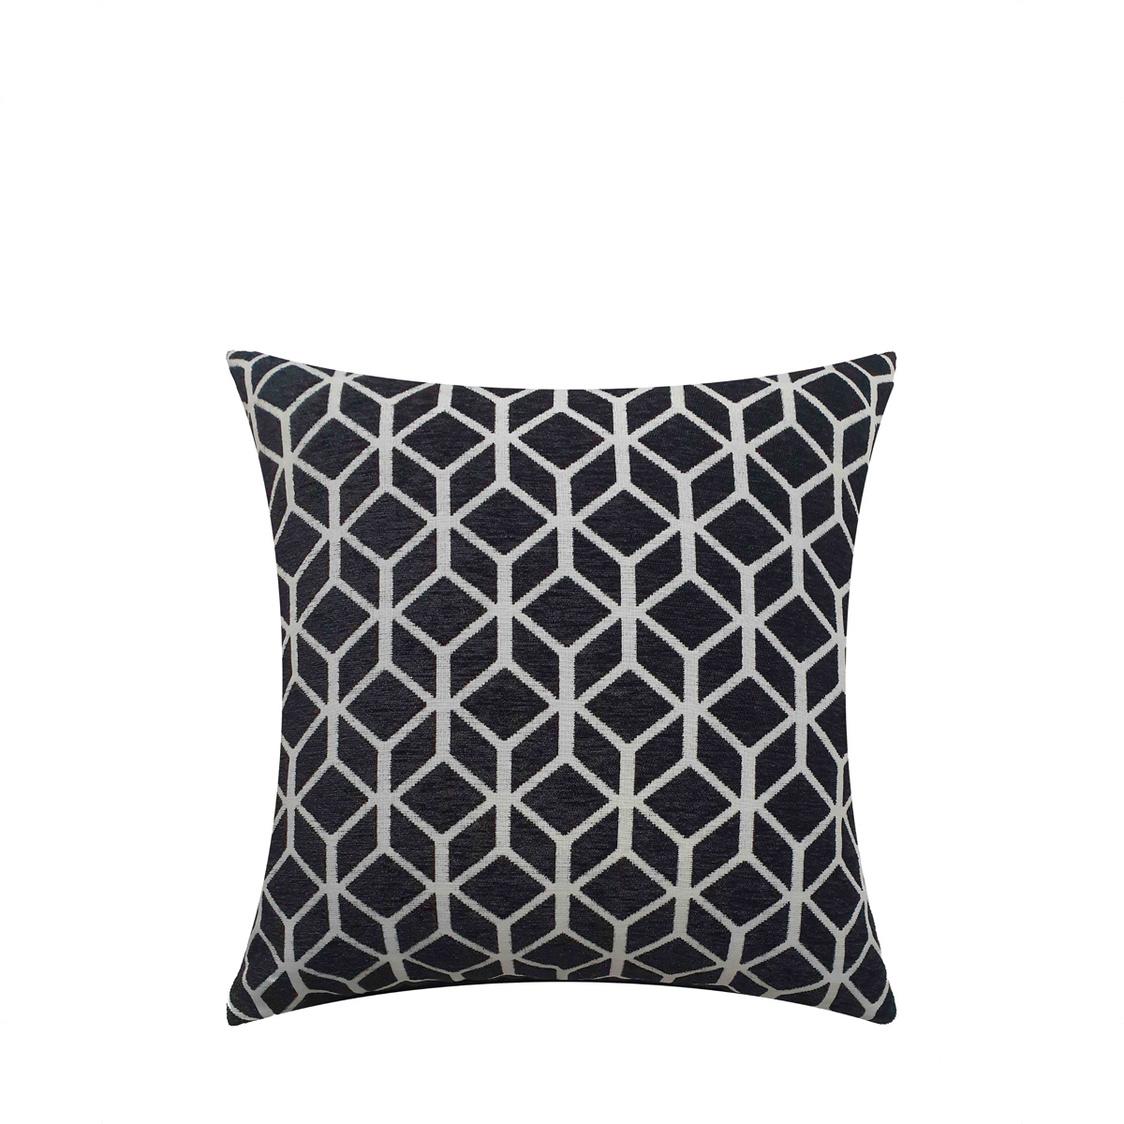 JRapee Devine Cushion Cover Black 43x43cm